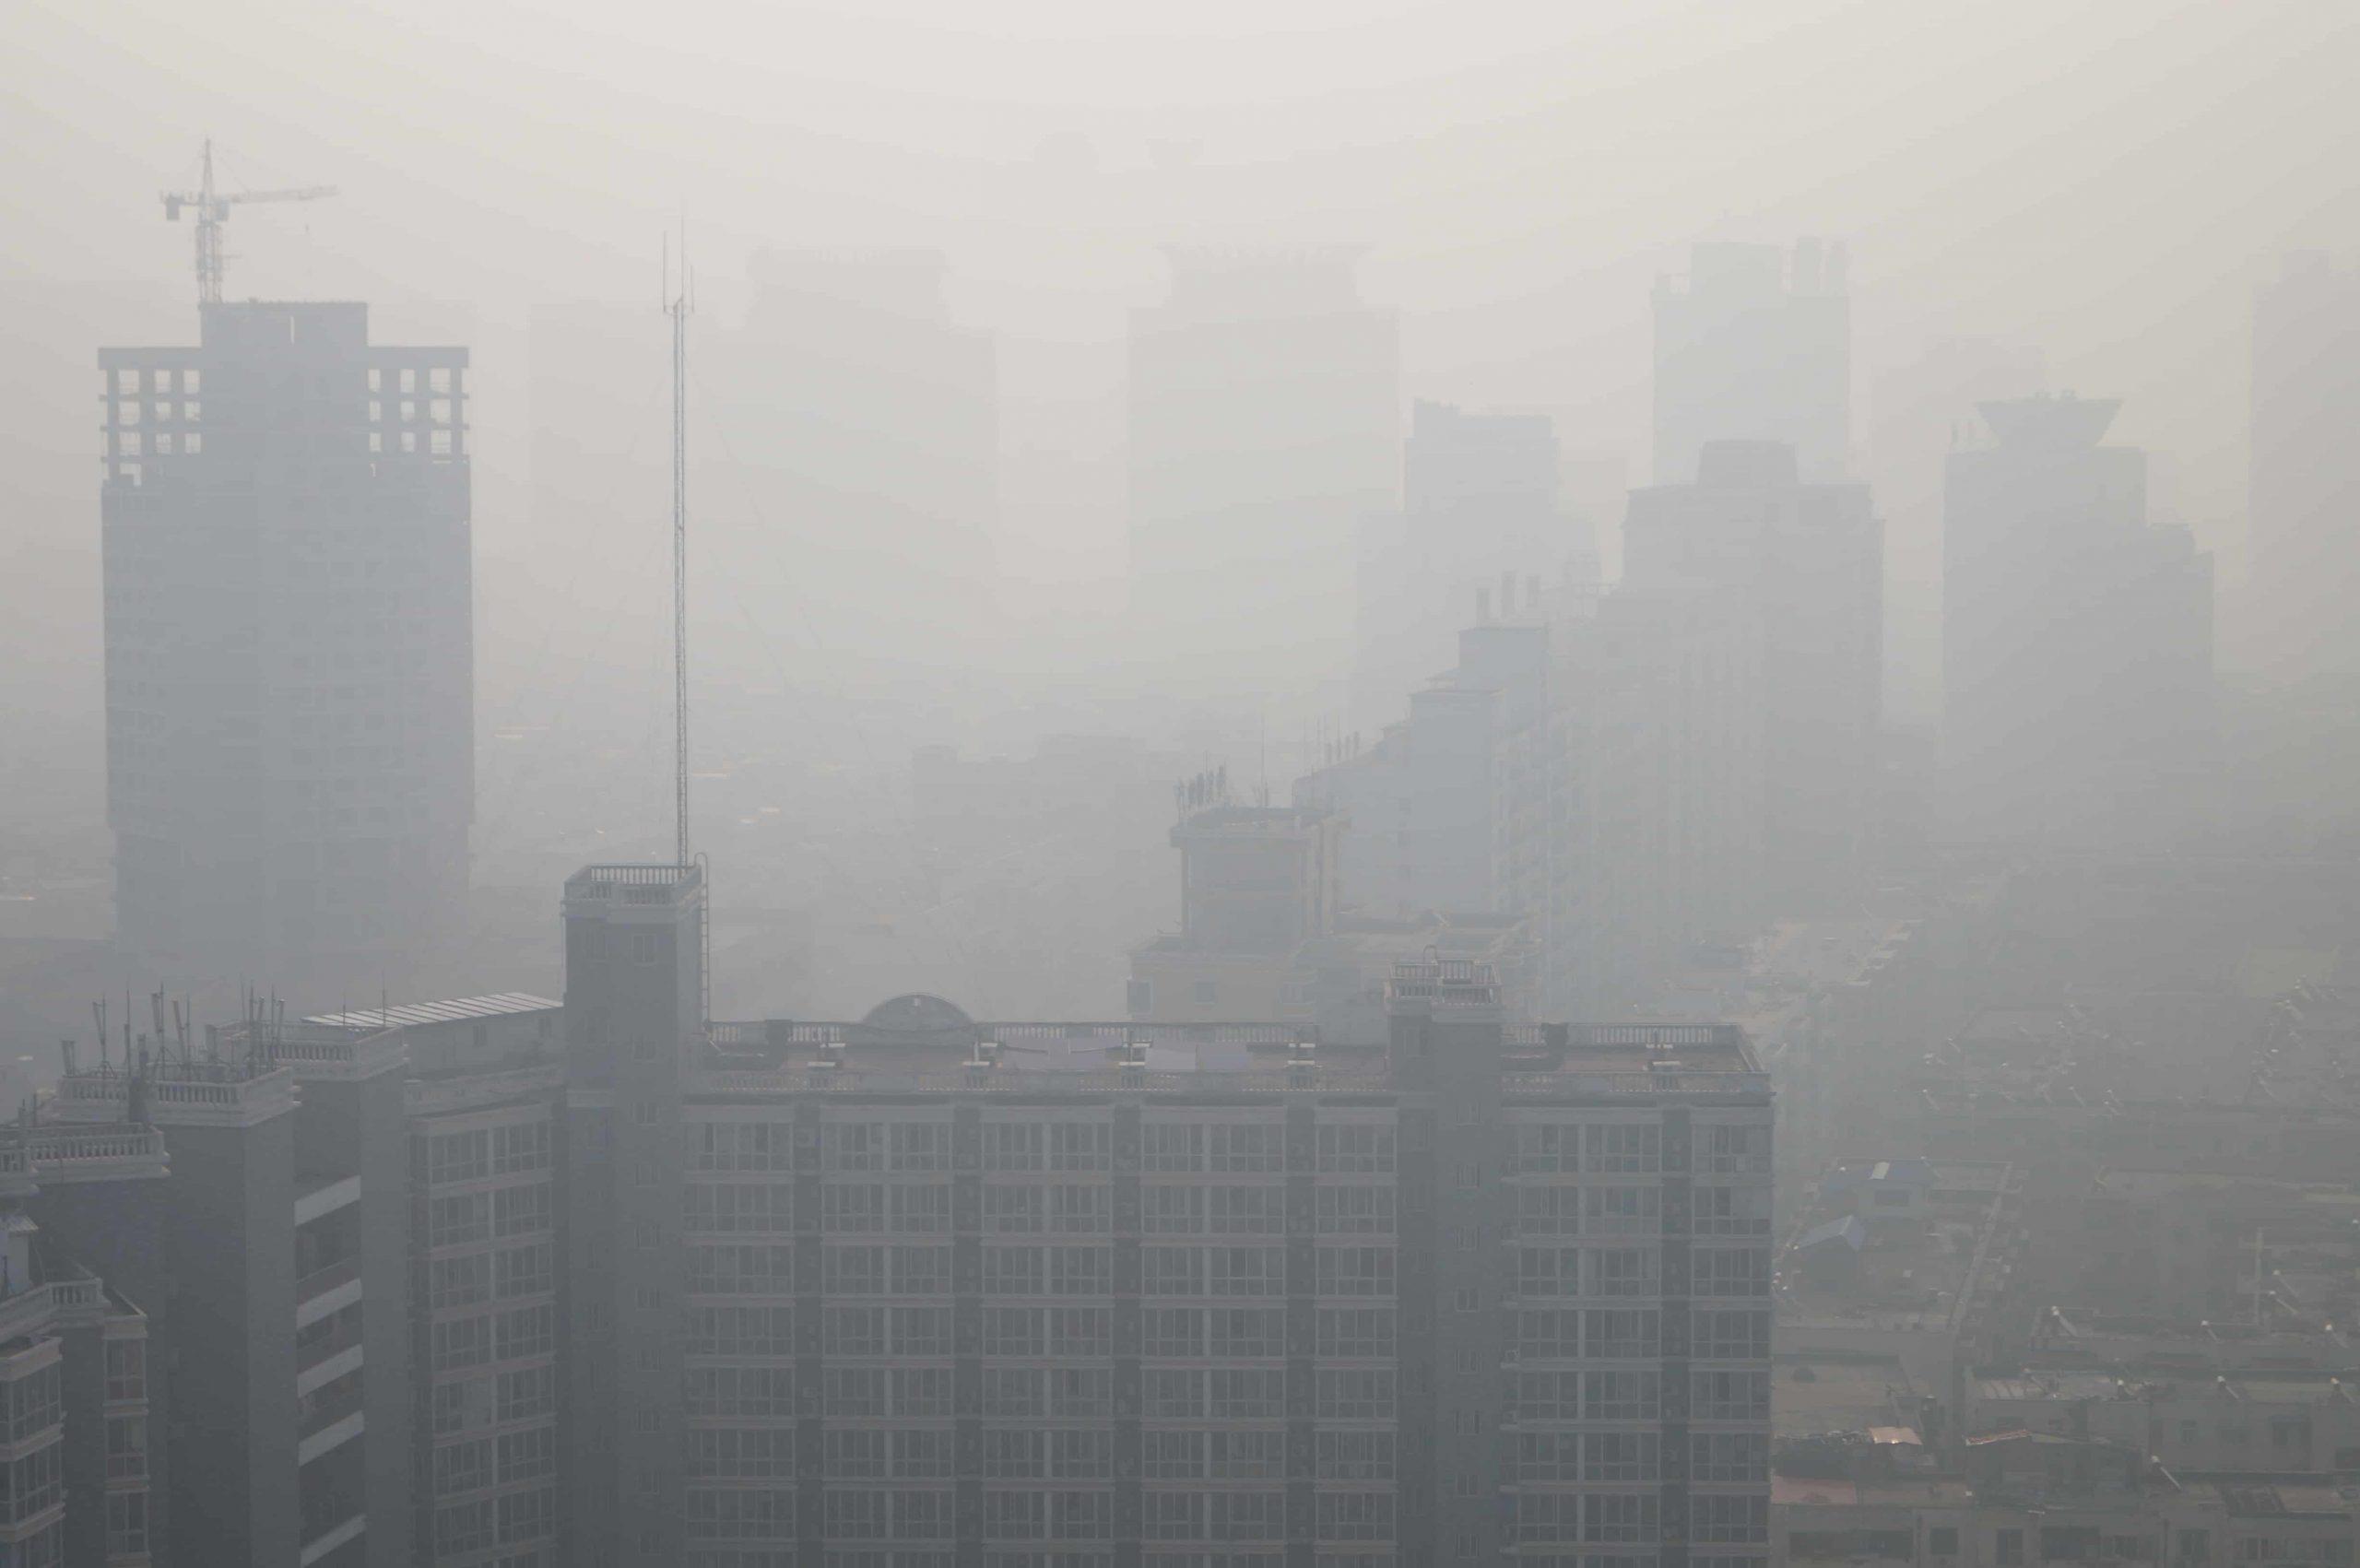 Luftqualität: Die ideale Luft in den eigenen vier Wänden